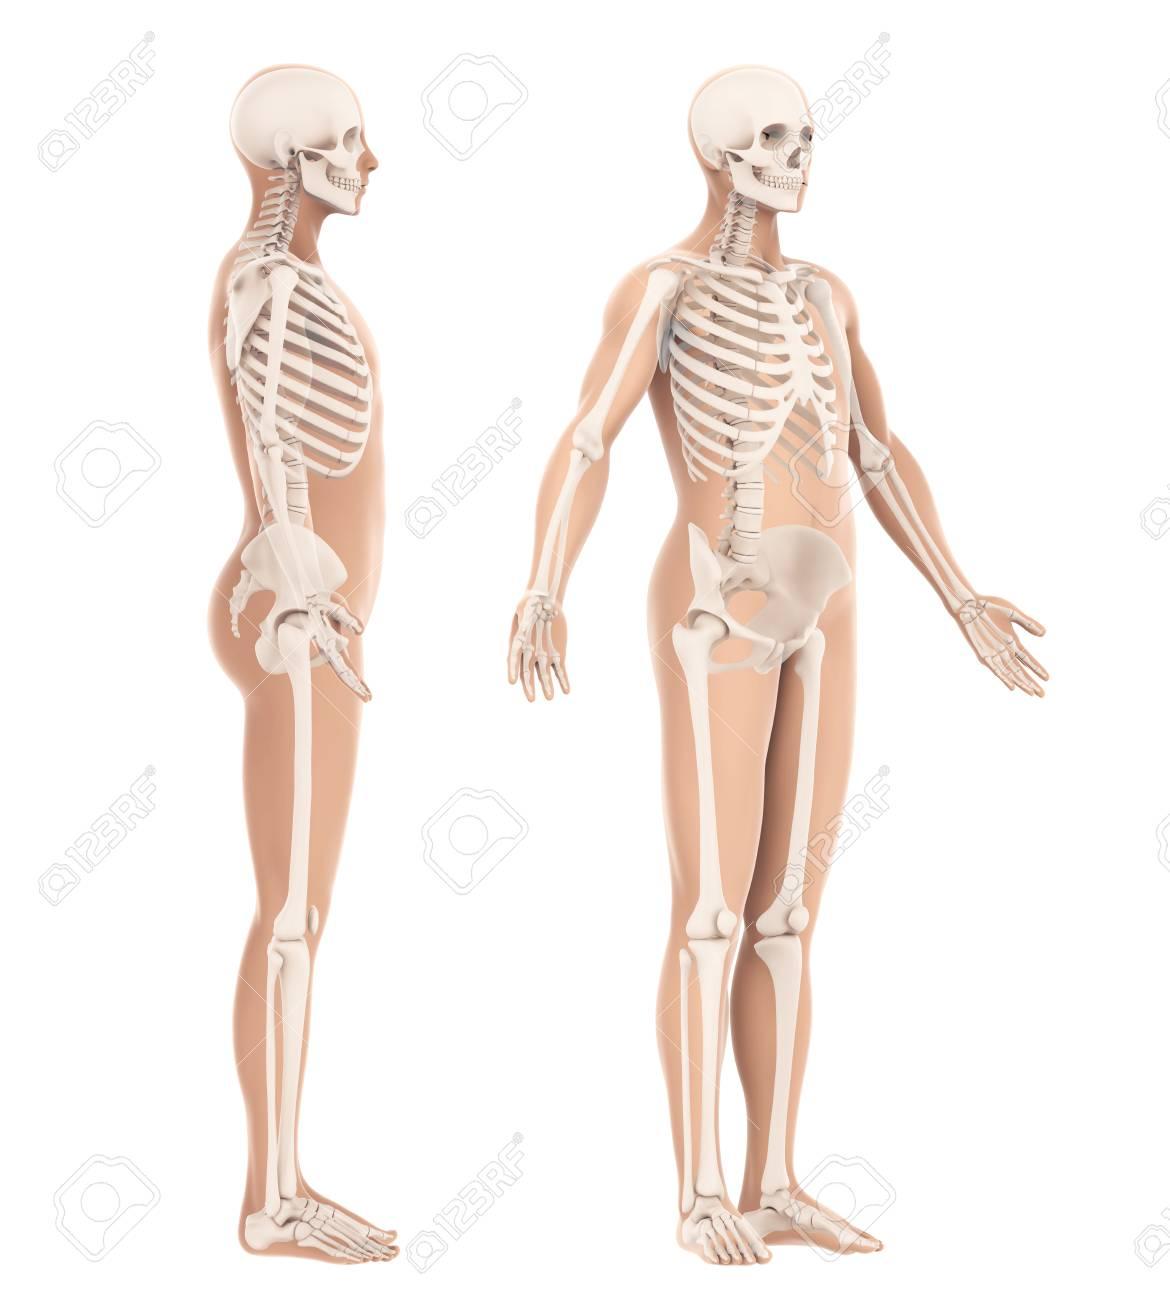 Anatomía Del Esqueleto Humano Aislada Fotos, Retratos, Imágenes Y ...